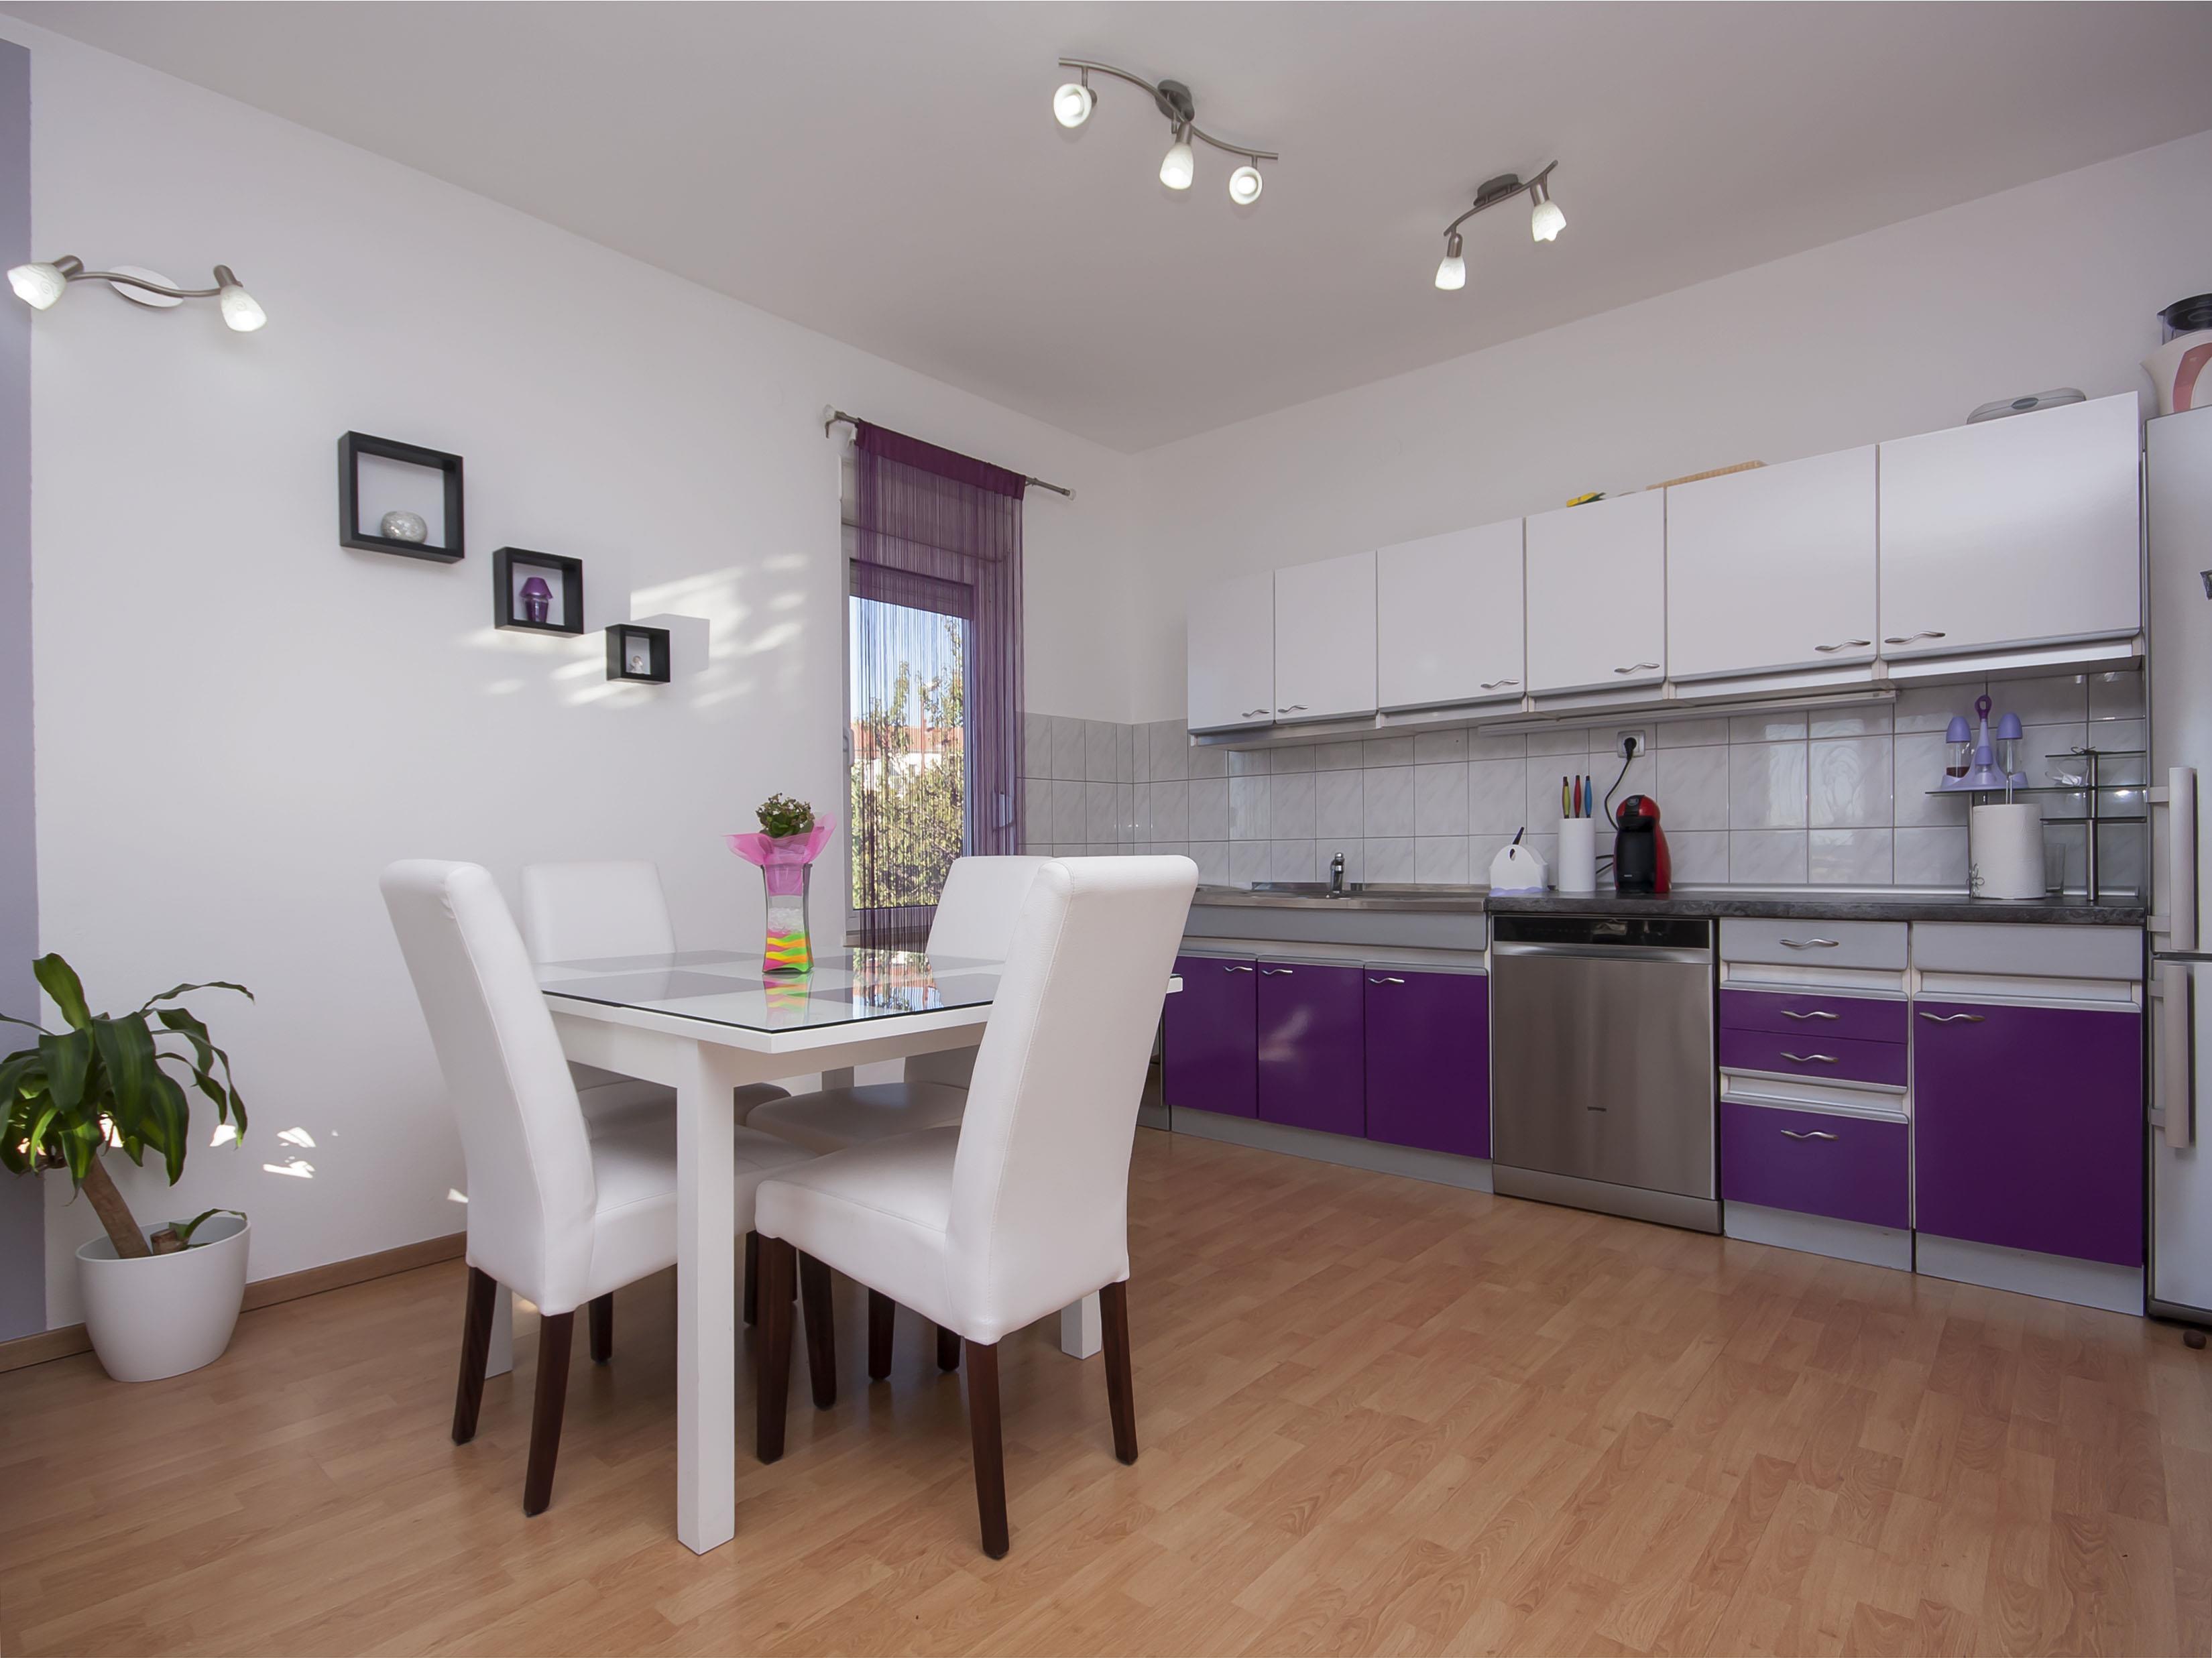 Ferienwohnung Apartments Senka / One bedroom A1 (1902155), Brodarica, , Dalmatien, Kroatien, Bild 8